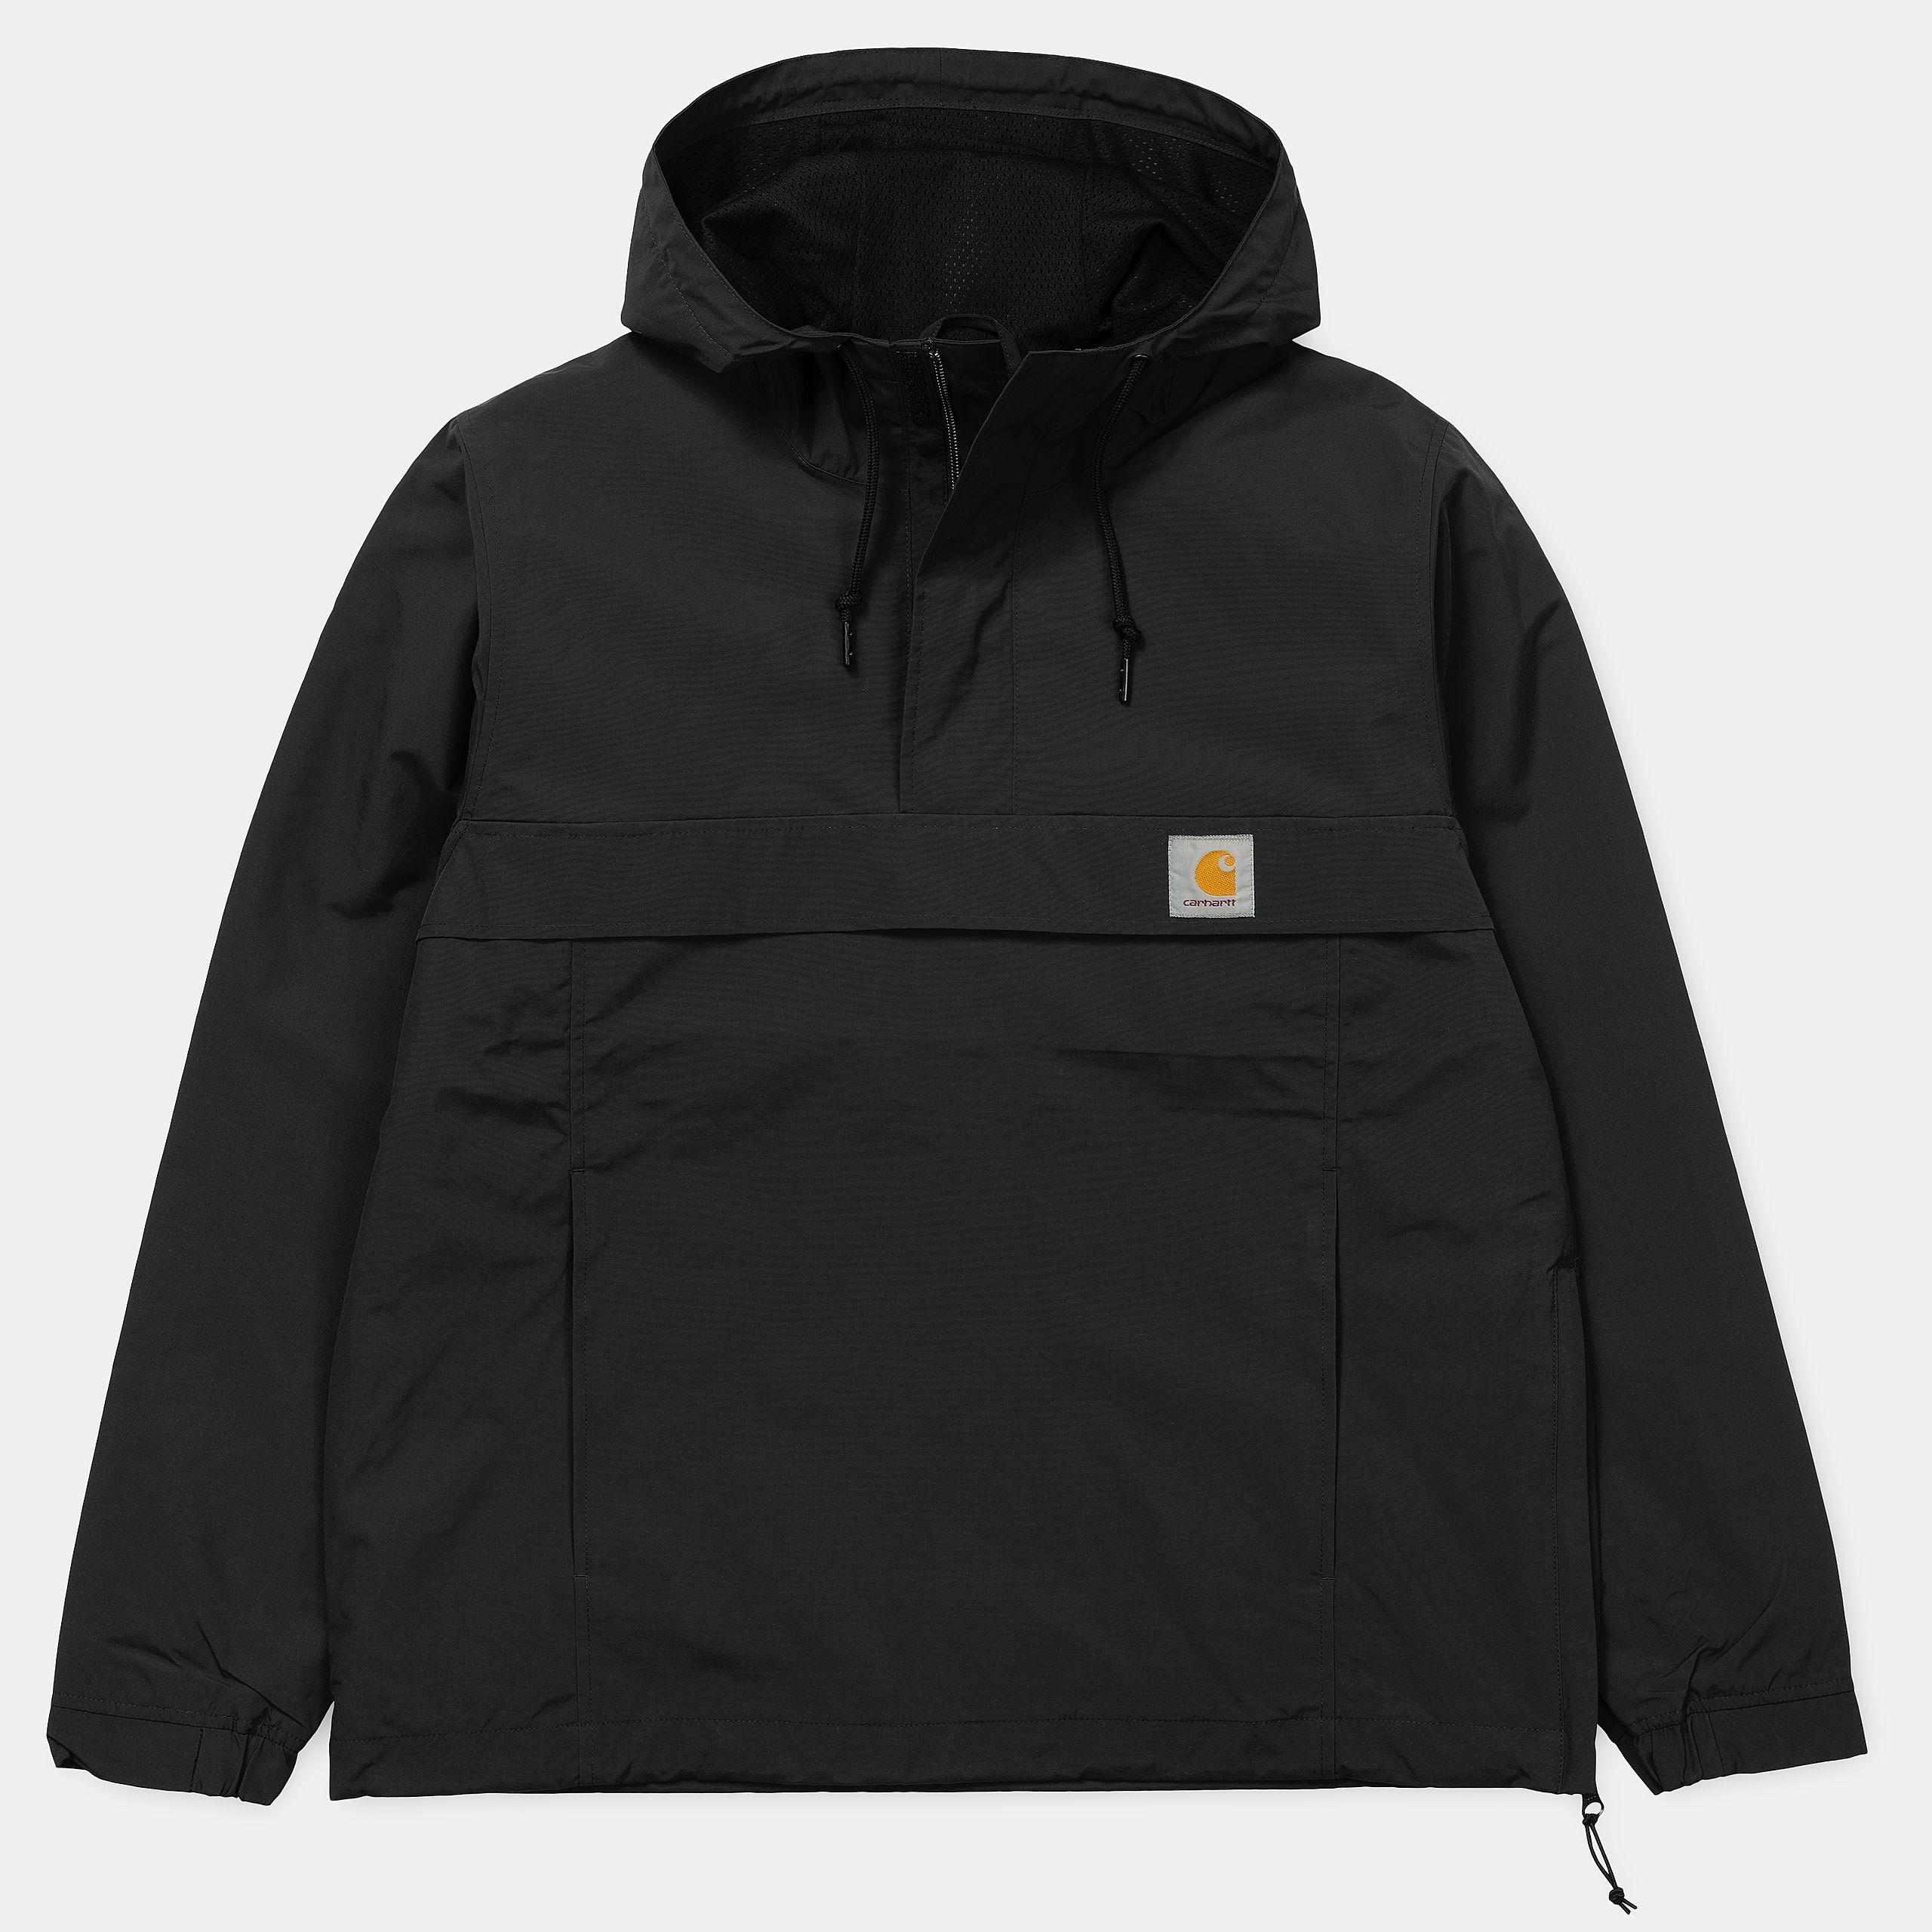 Nimbus Pullover Black CARHARTT